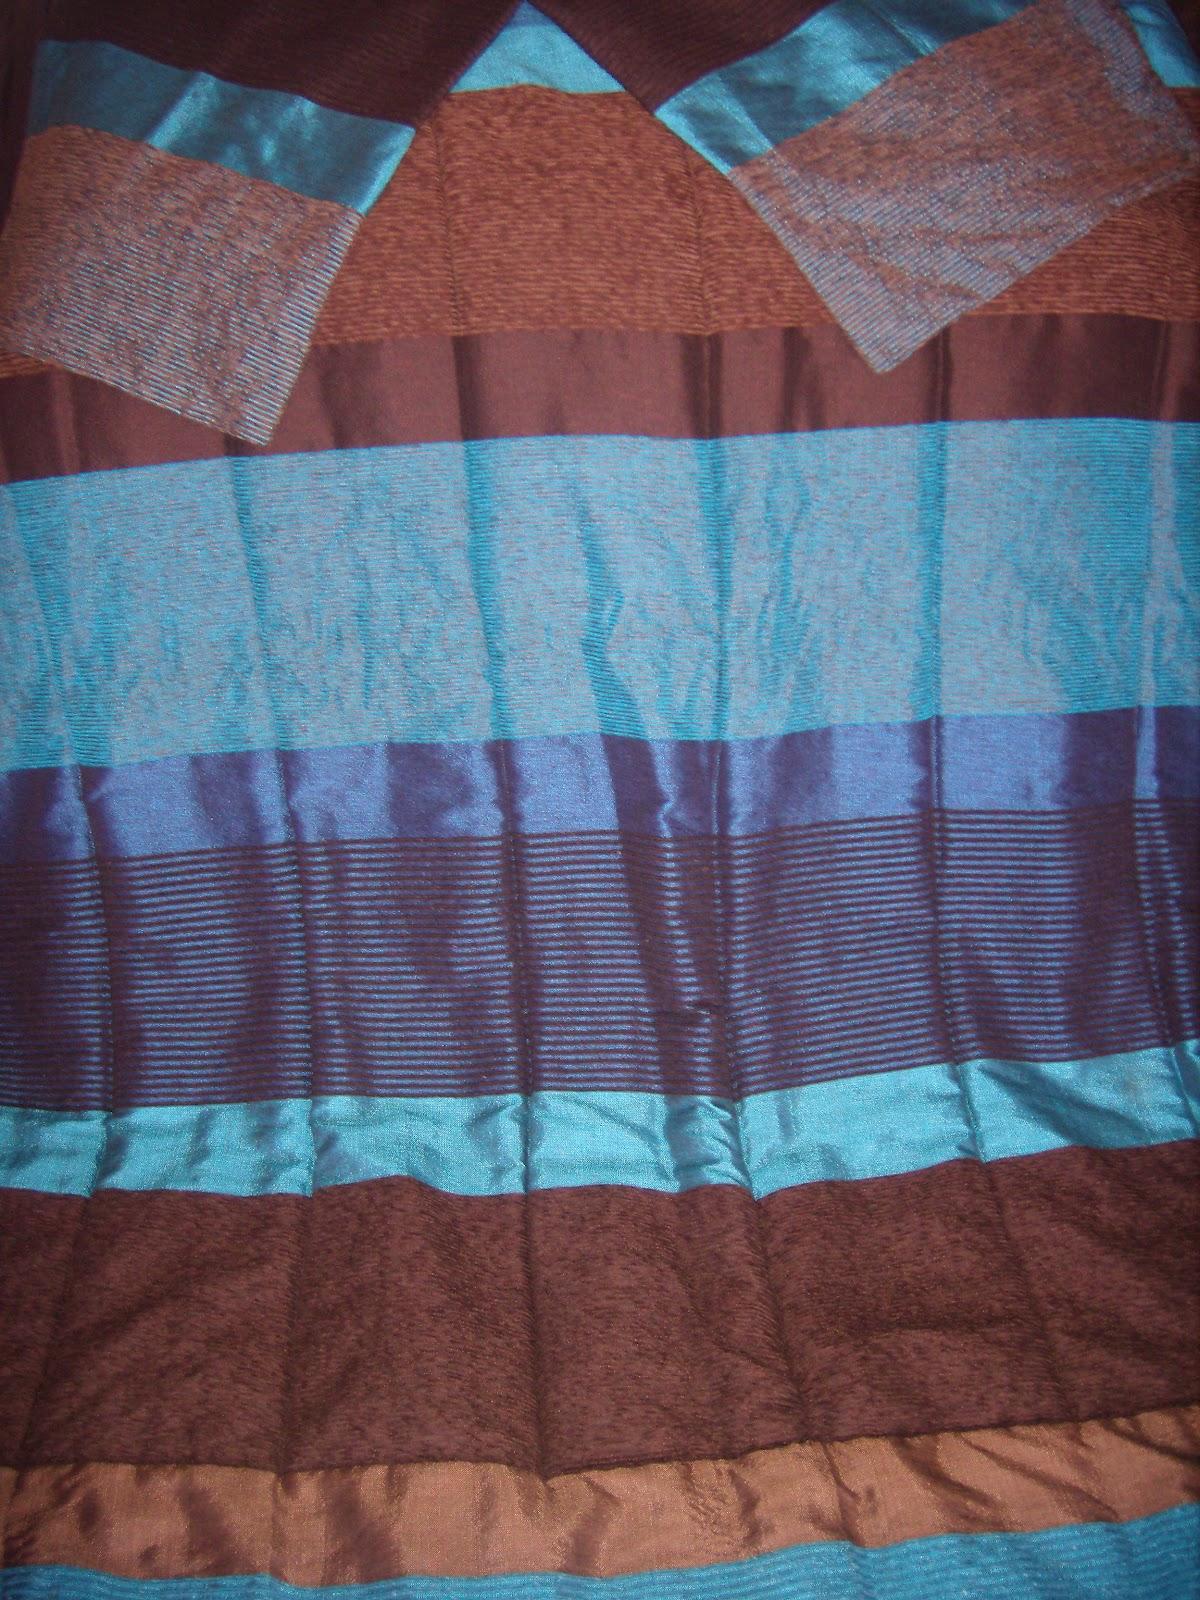 merycarpet couette couleur bleu et marron avec deux coussins. Black Bedroom Furniture Sets. Home Design Ideas